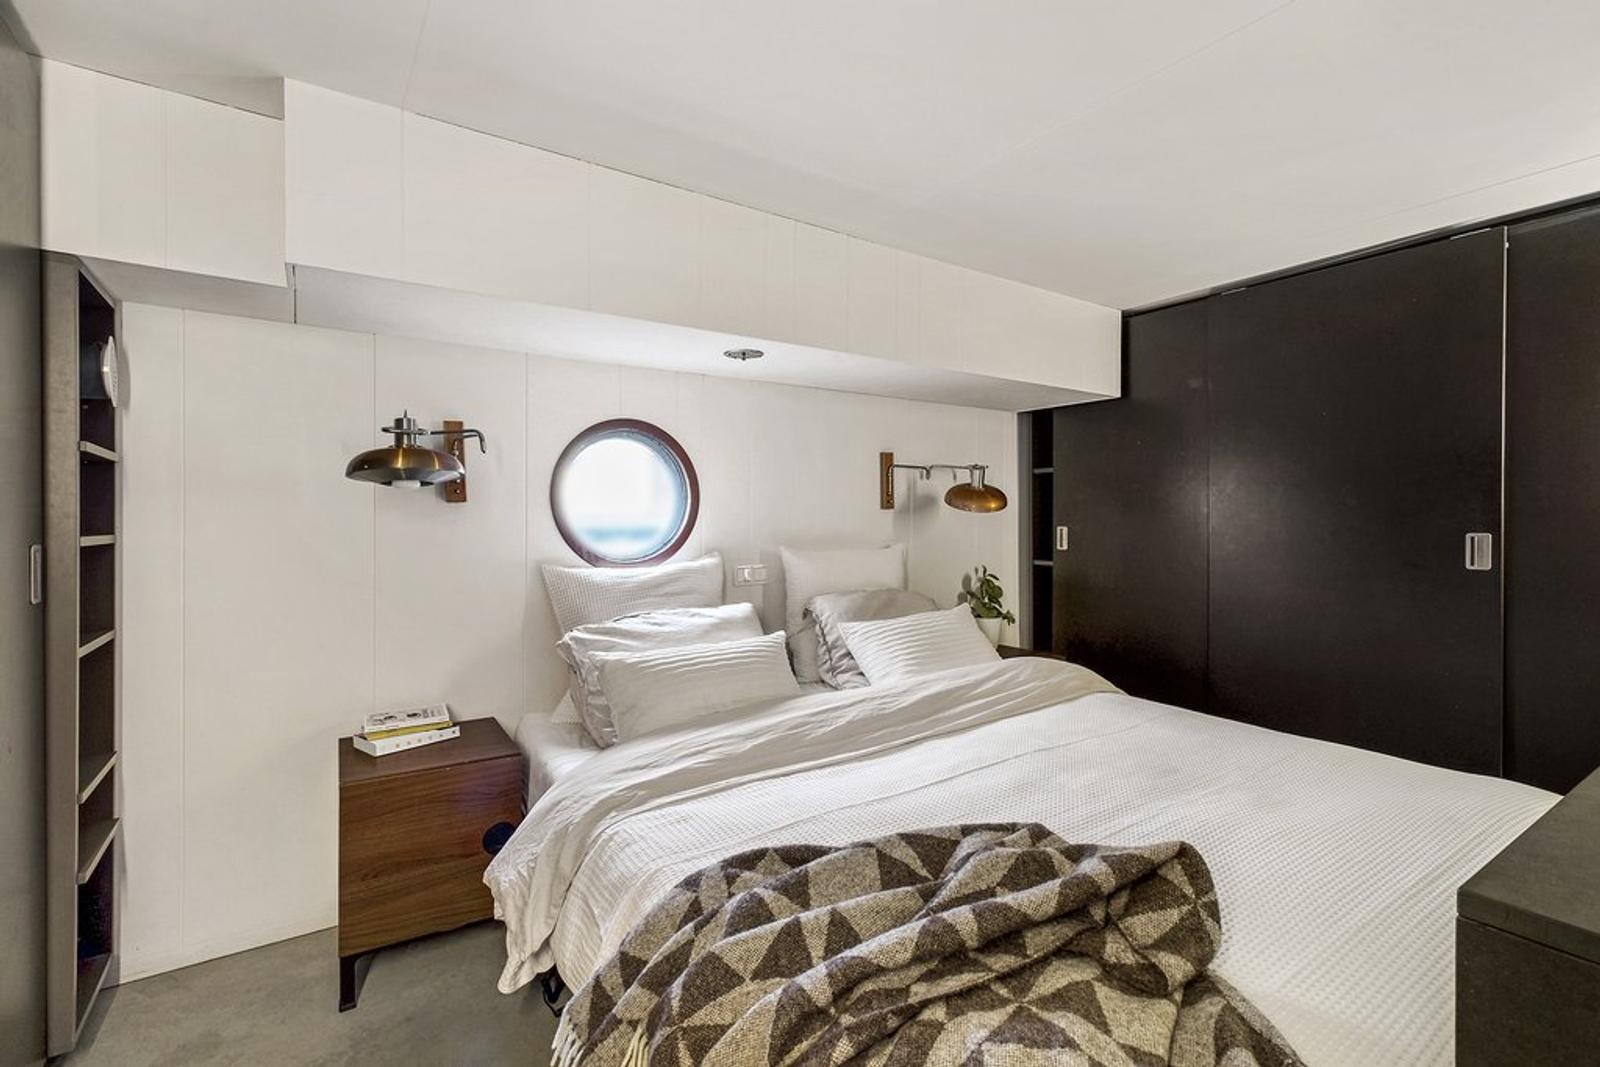 Woonboot - slaapkamer